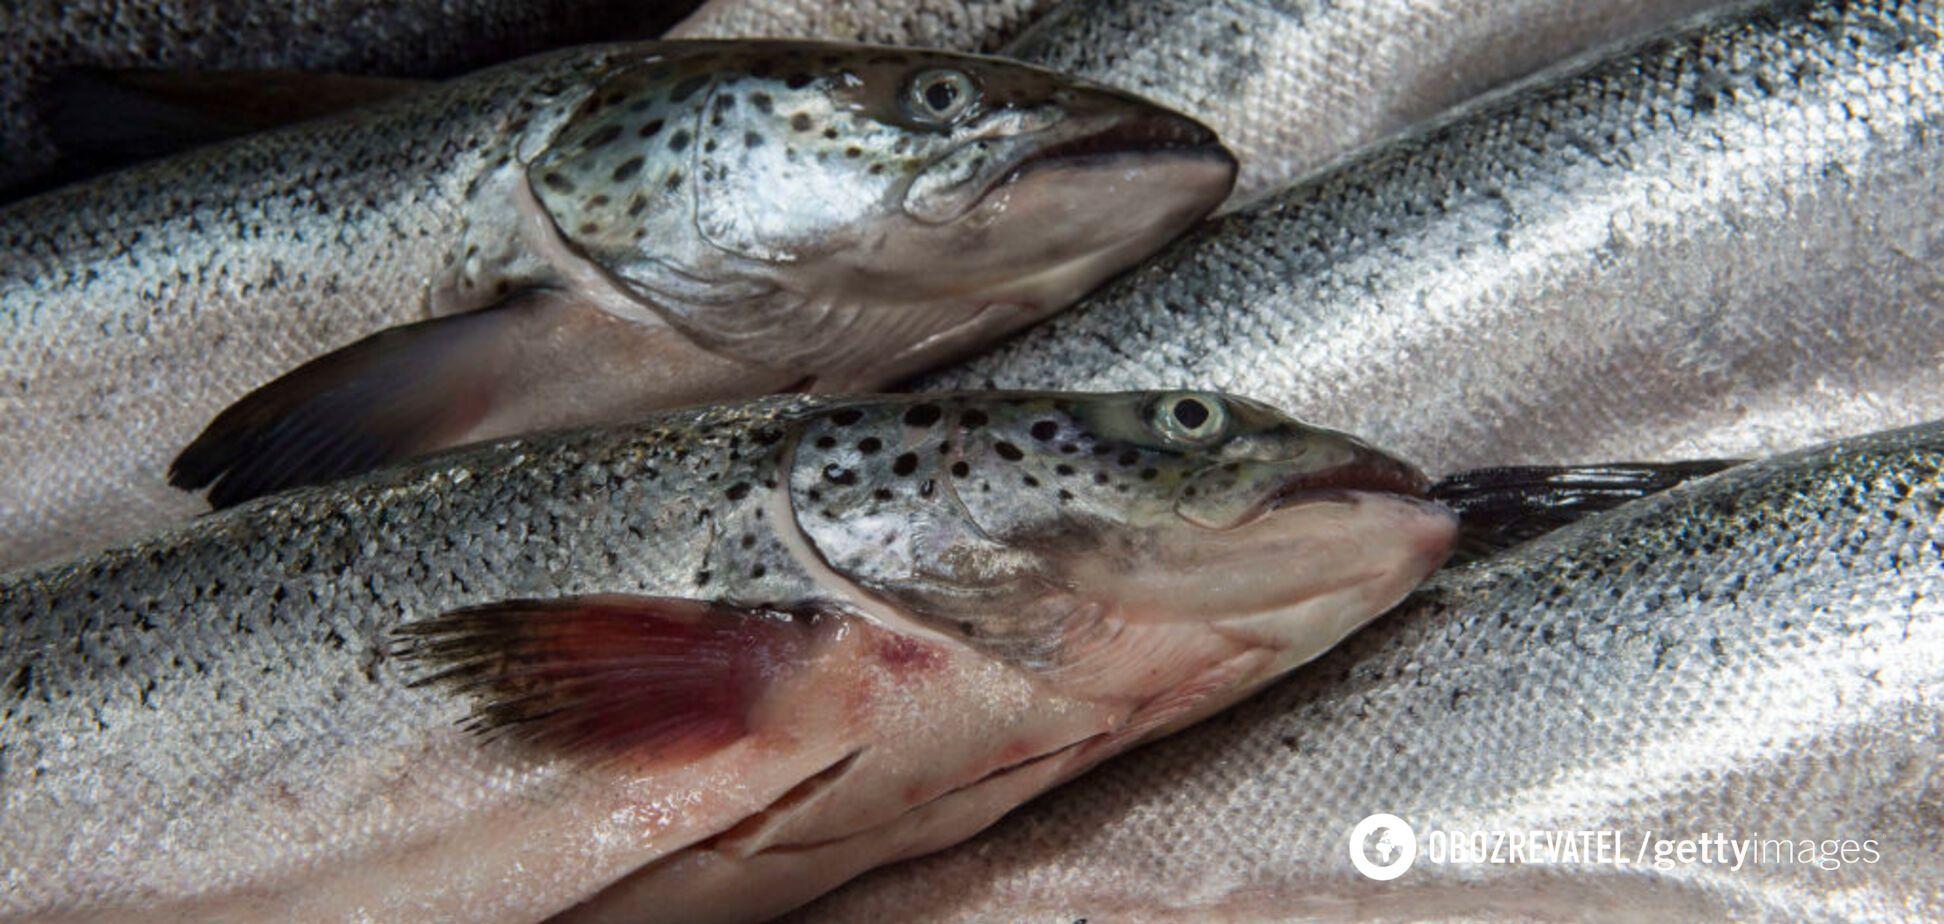 Як дізнатися, чи зіпсувалася риба, сир та інші продукти: корисні поради